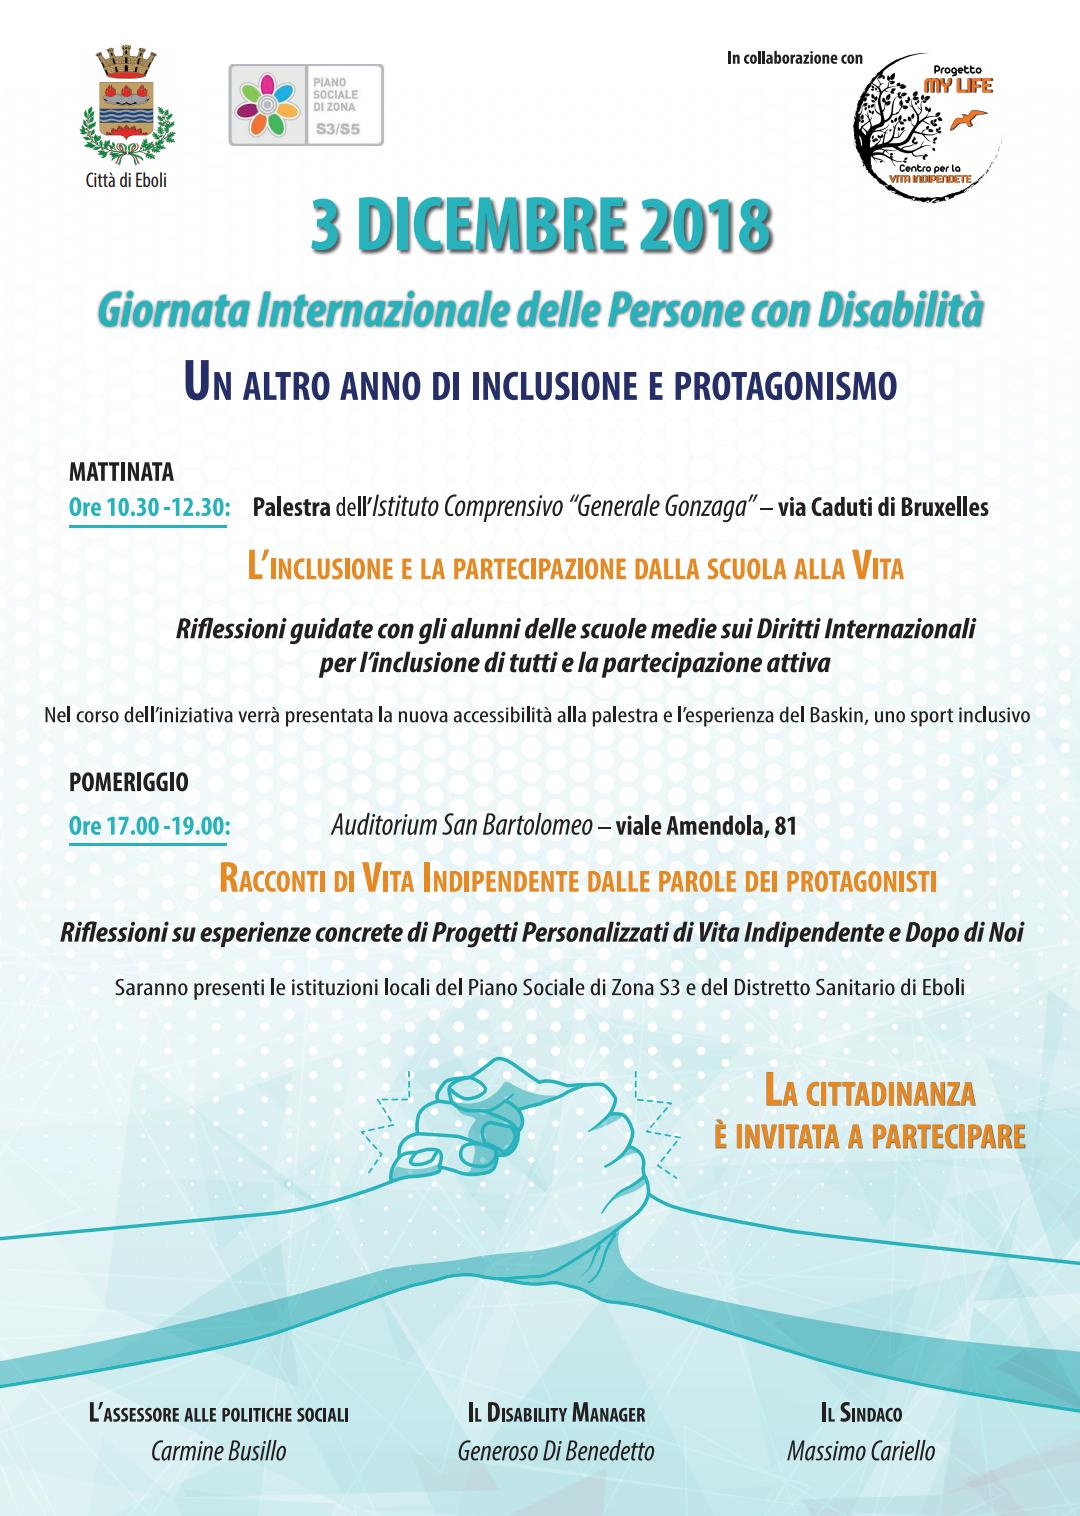 Giornata Internazionale delle persone con disabilità-Eboli